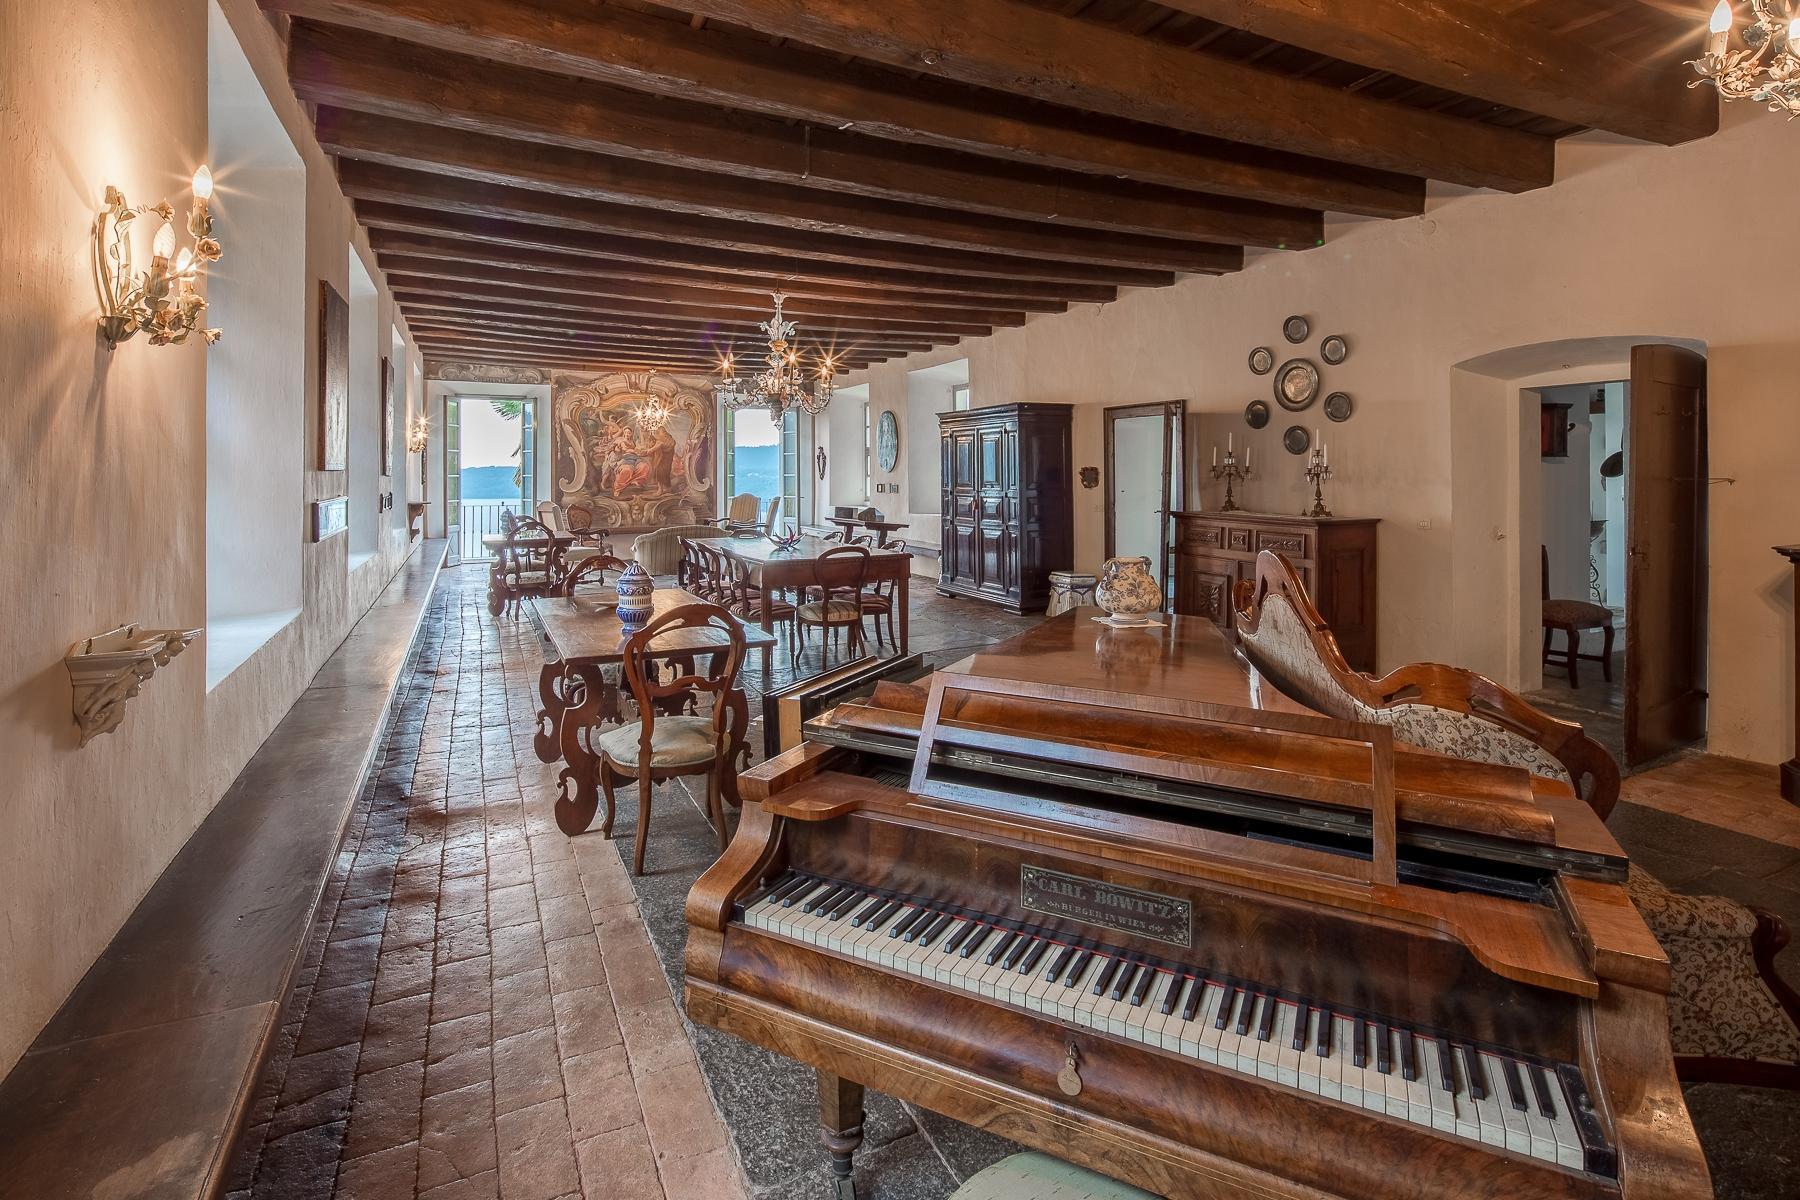 Ancien couvent et Villa du XIXe siècle sur le Sacro Monte - Orta San Giulio - 5